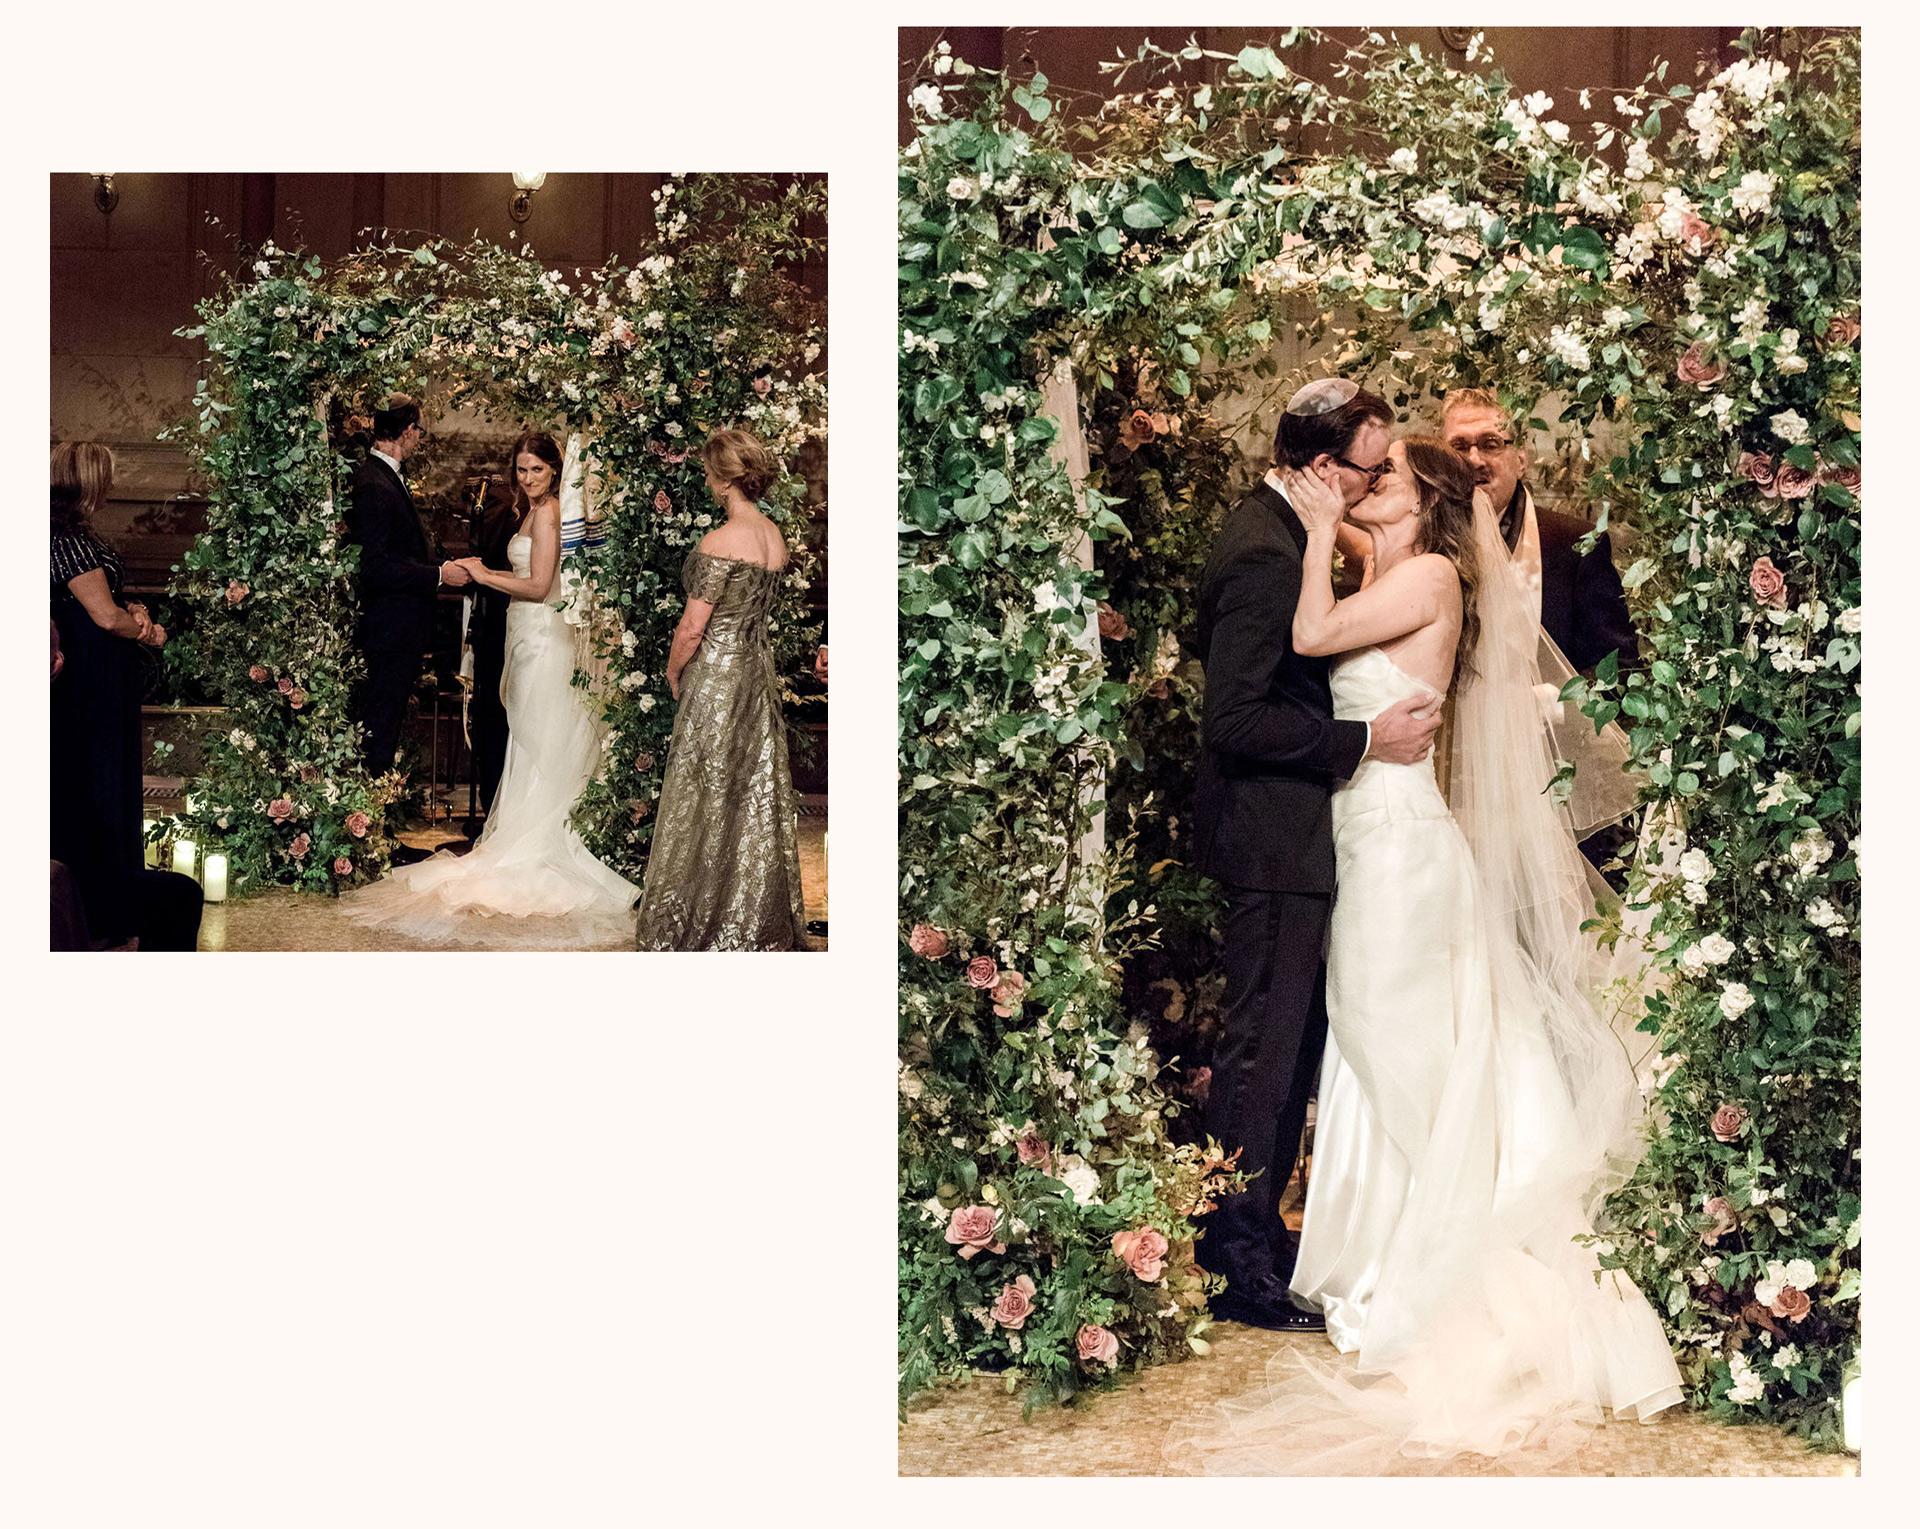 18 weylin weddding photographer - WEYLIN WEDDING IN WILLIAMSBURG - BROOKLYN, NY